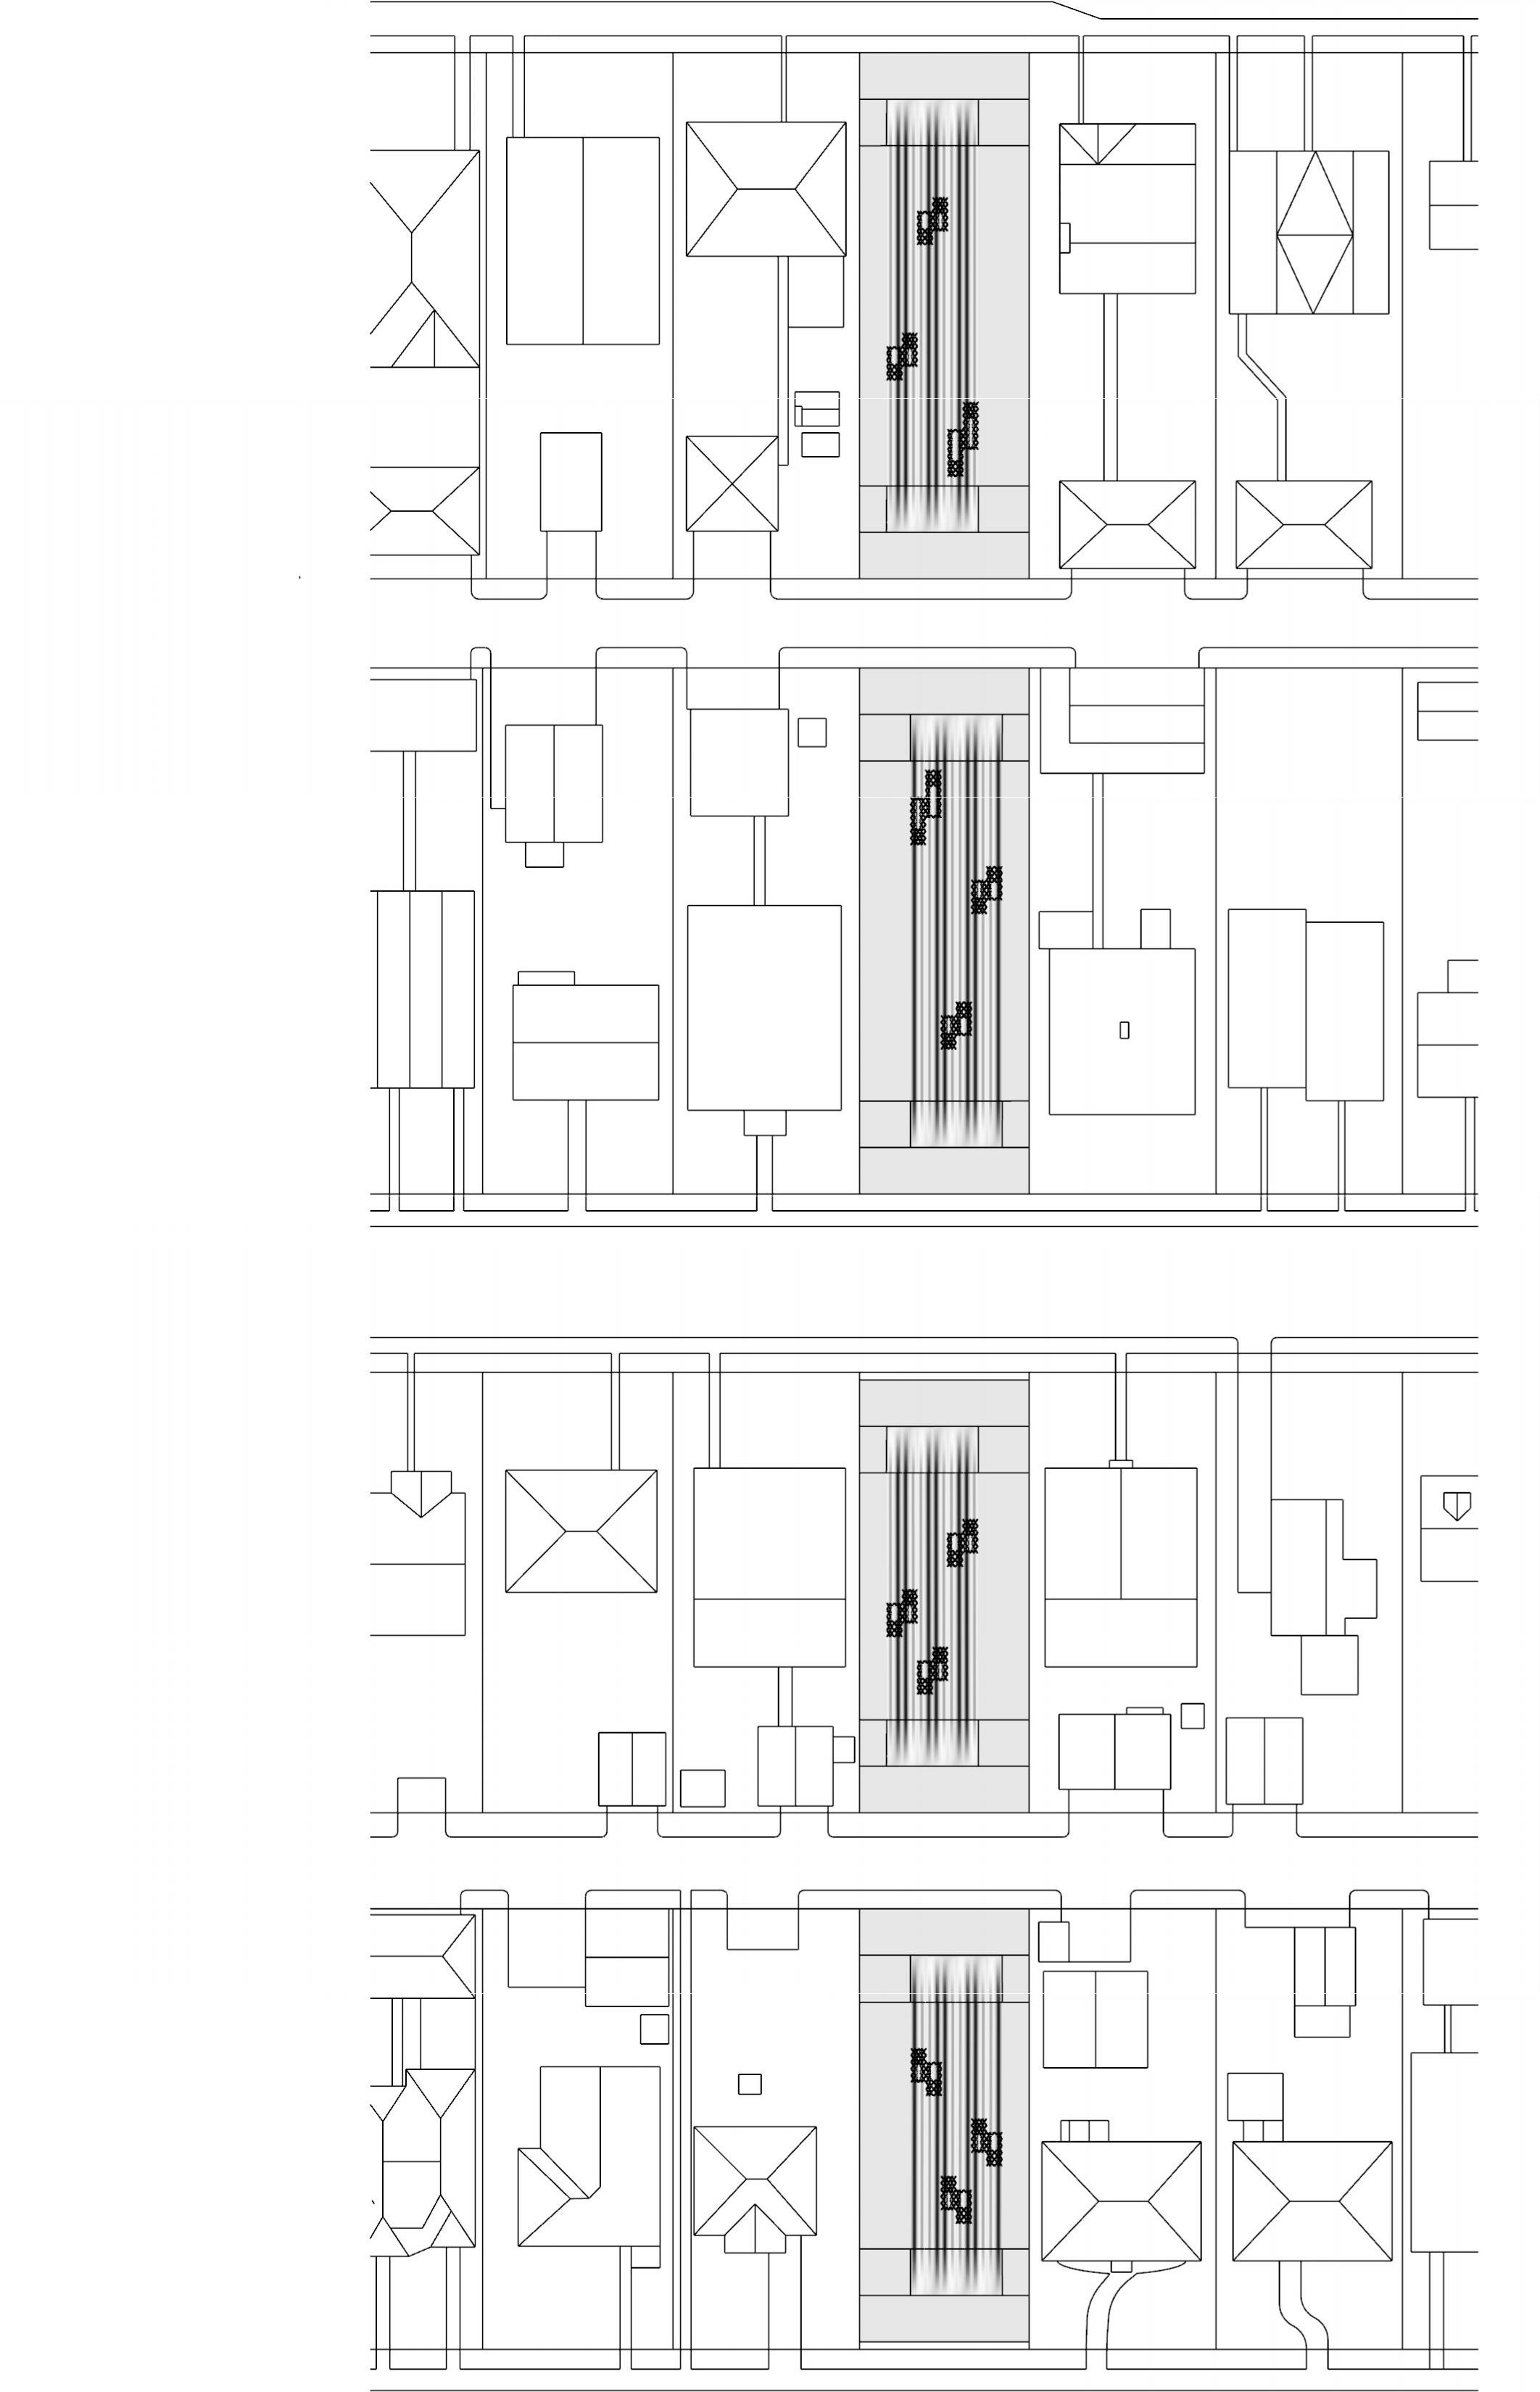 calgary_site1_plan.jpg